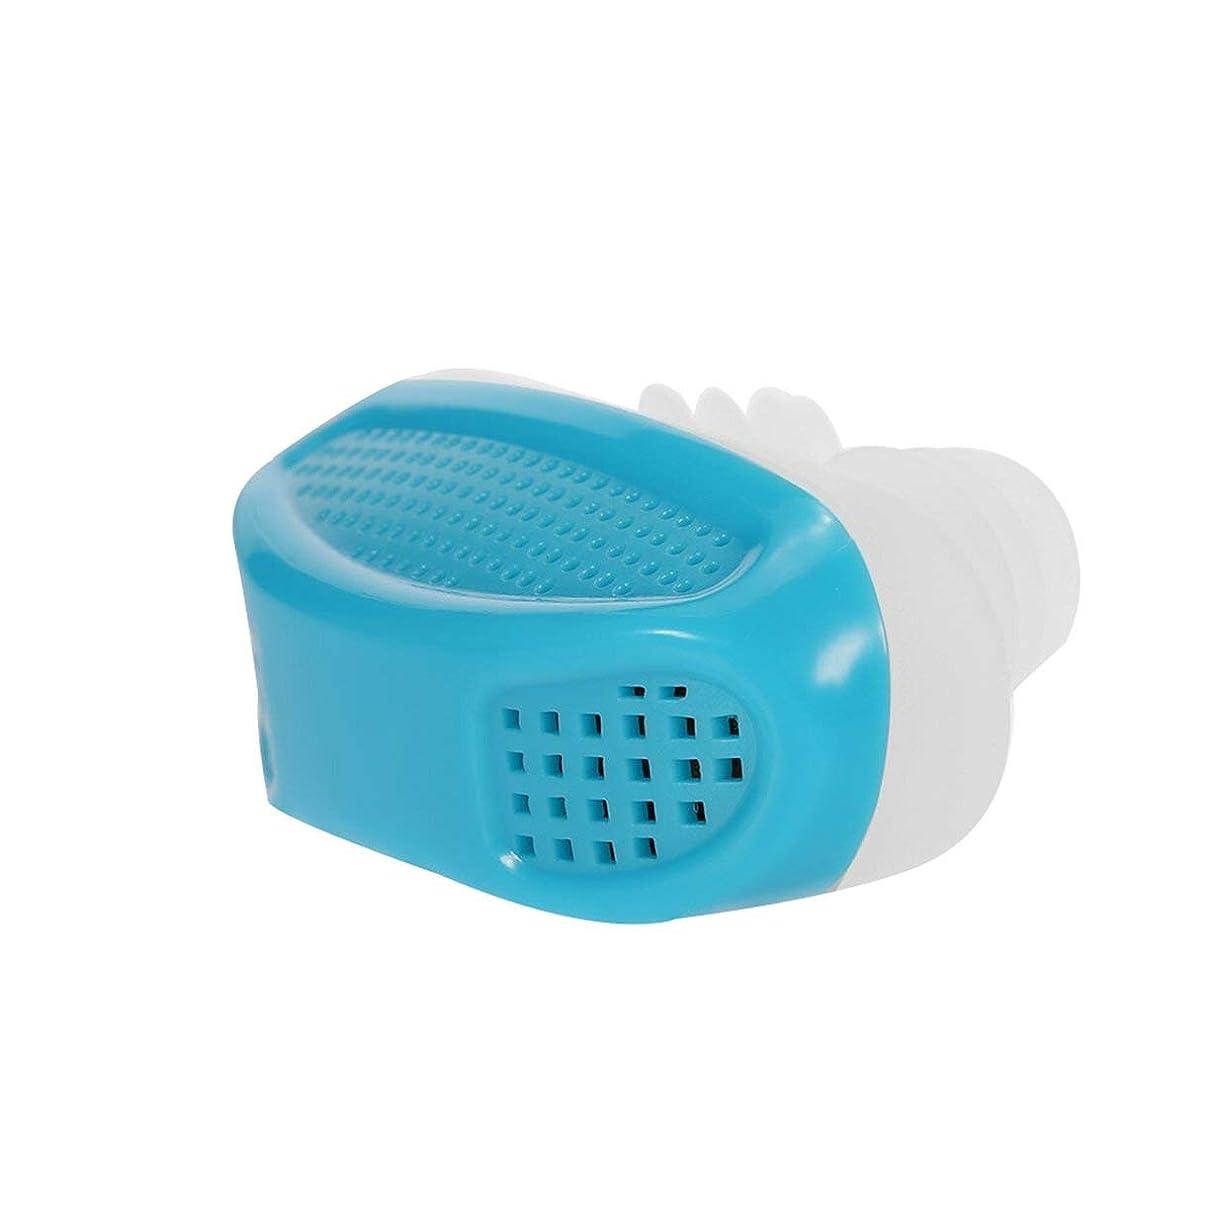 剥ぎ取る郵便番号温帯1に付き2つの健康の抗いびき及び空気清浄器は鼻の混雑のいびき装置の換気の抗いびきの鼻クリップ - 青を和らげます